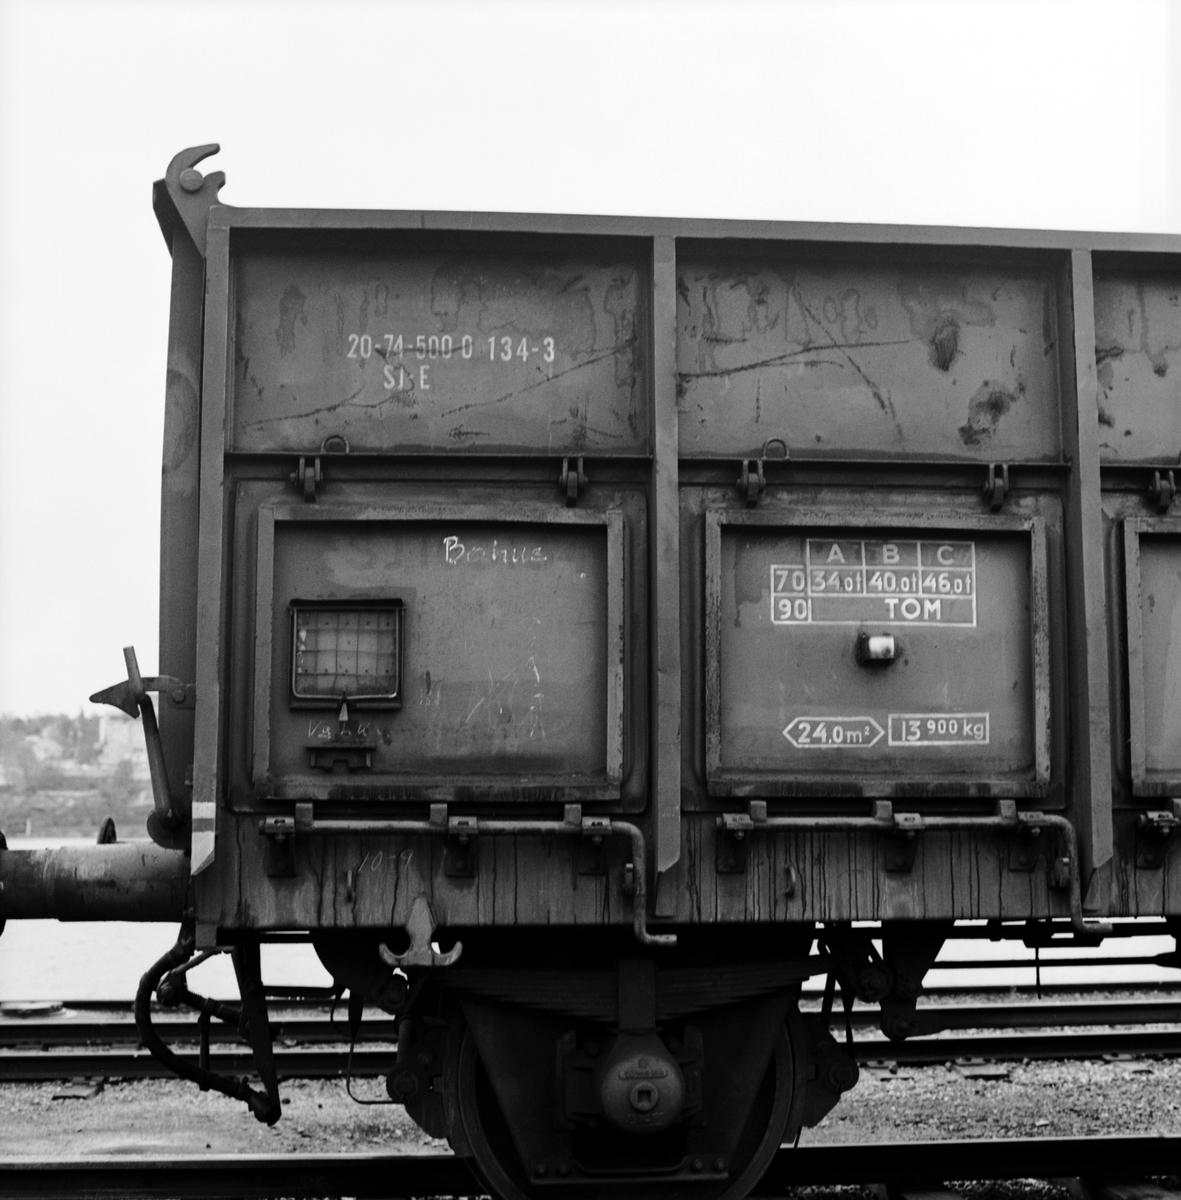 Statens Järnvägar, SJ E